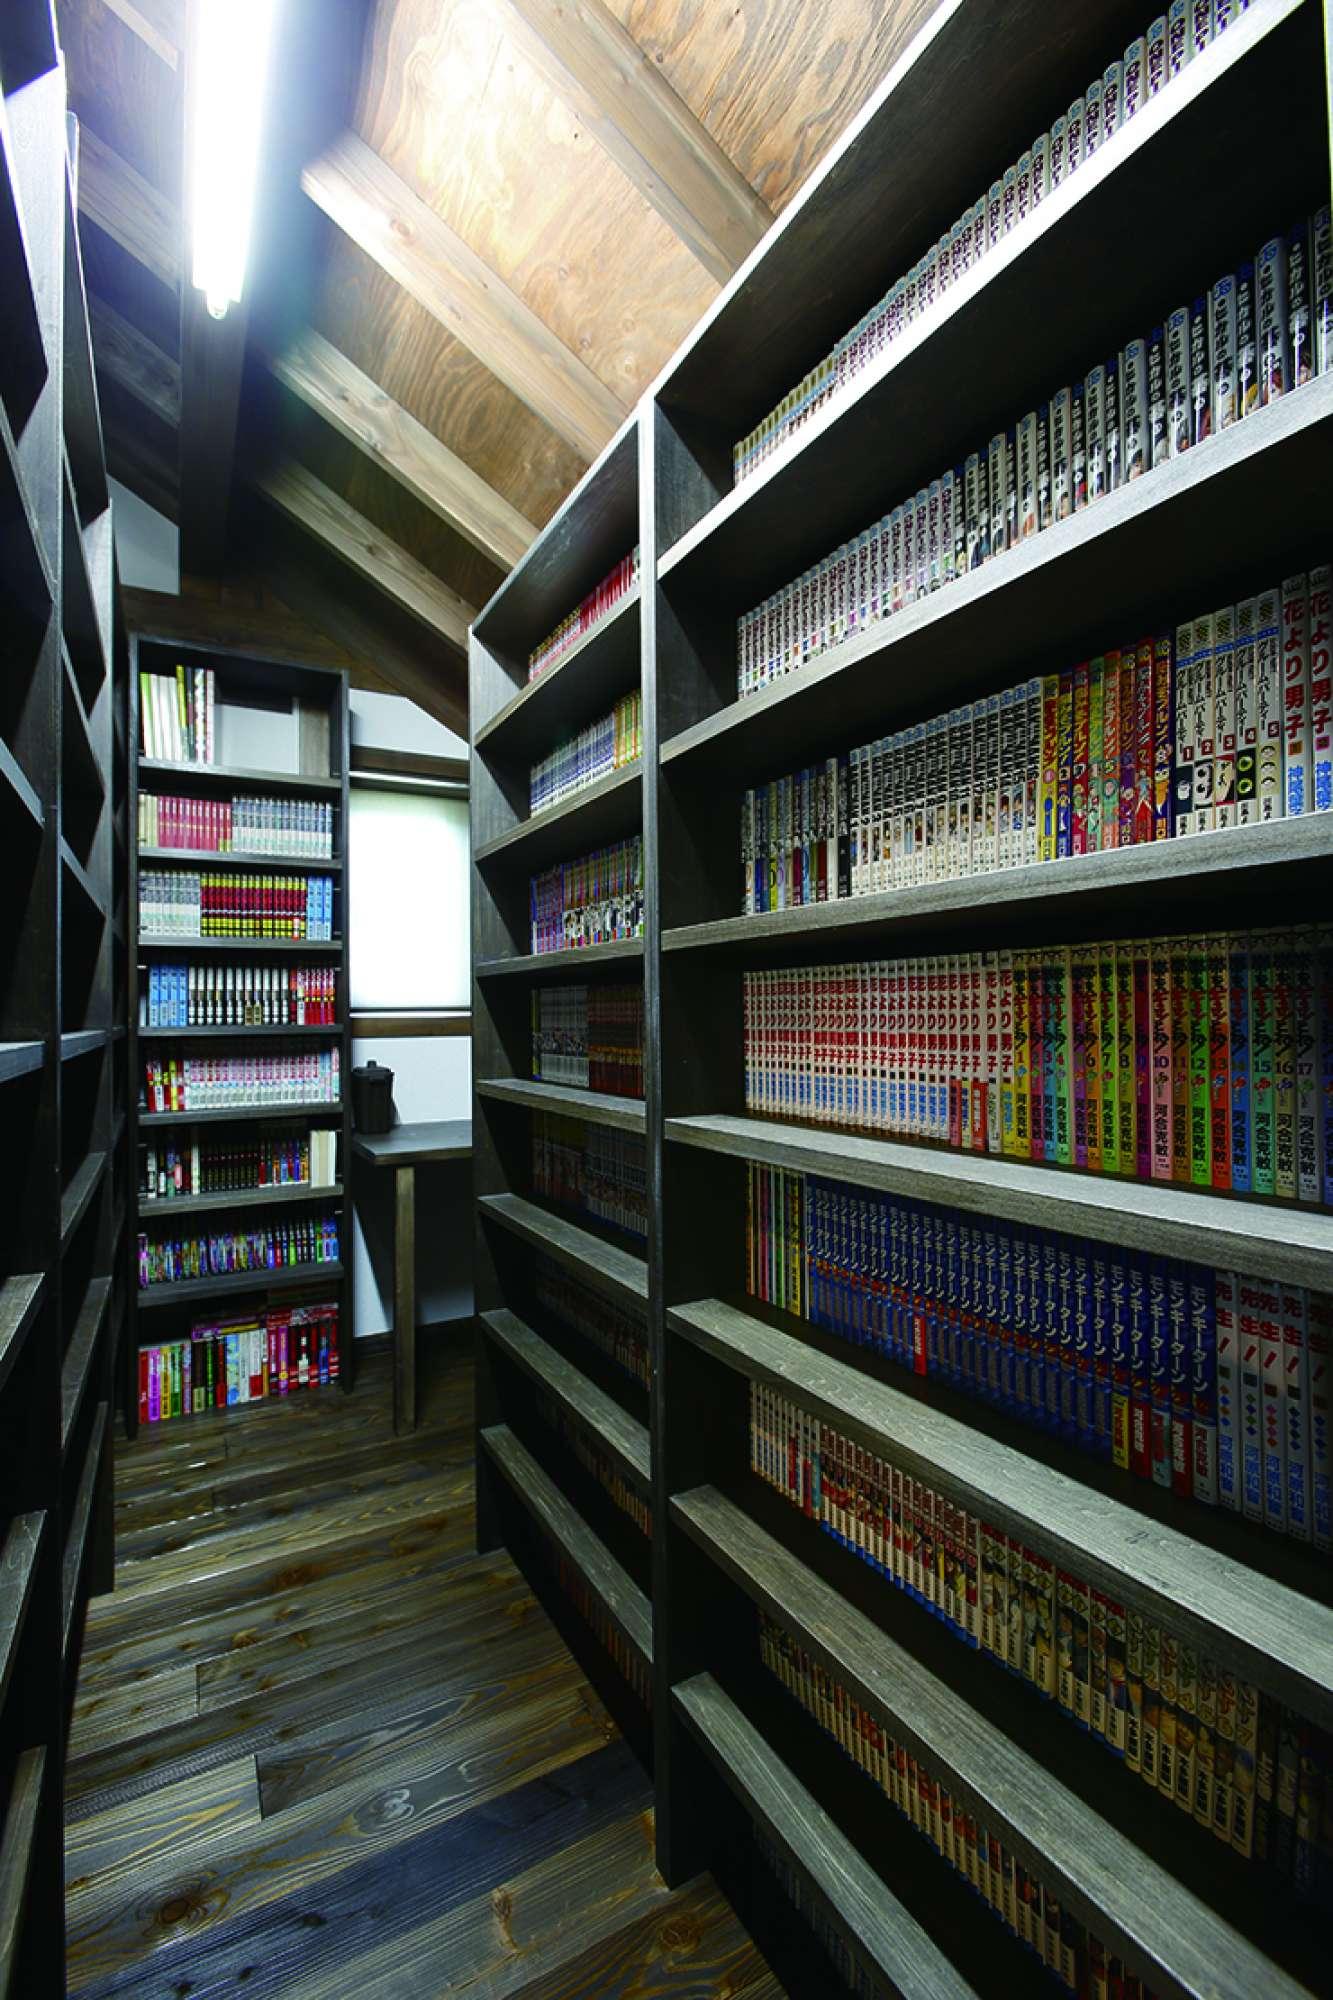 本棚は合計9個、壁面全部に本棚を配置した図書館のような書斎 -  -  -